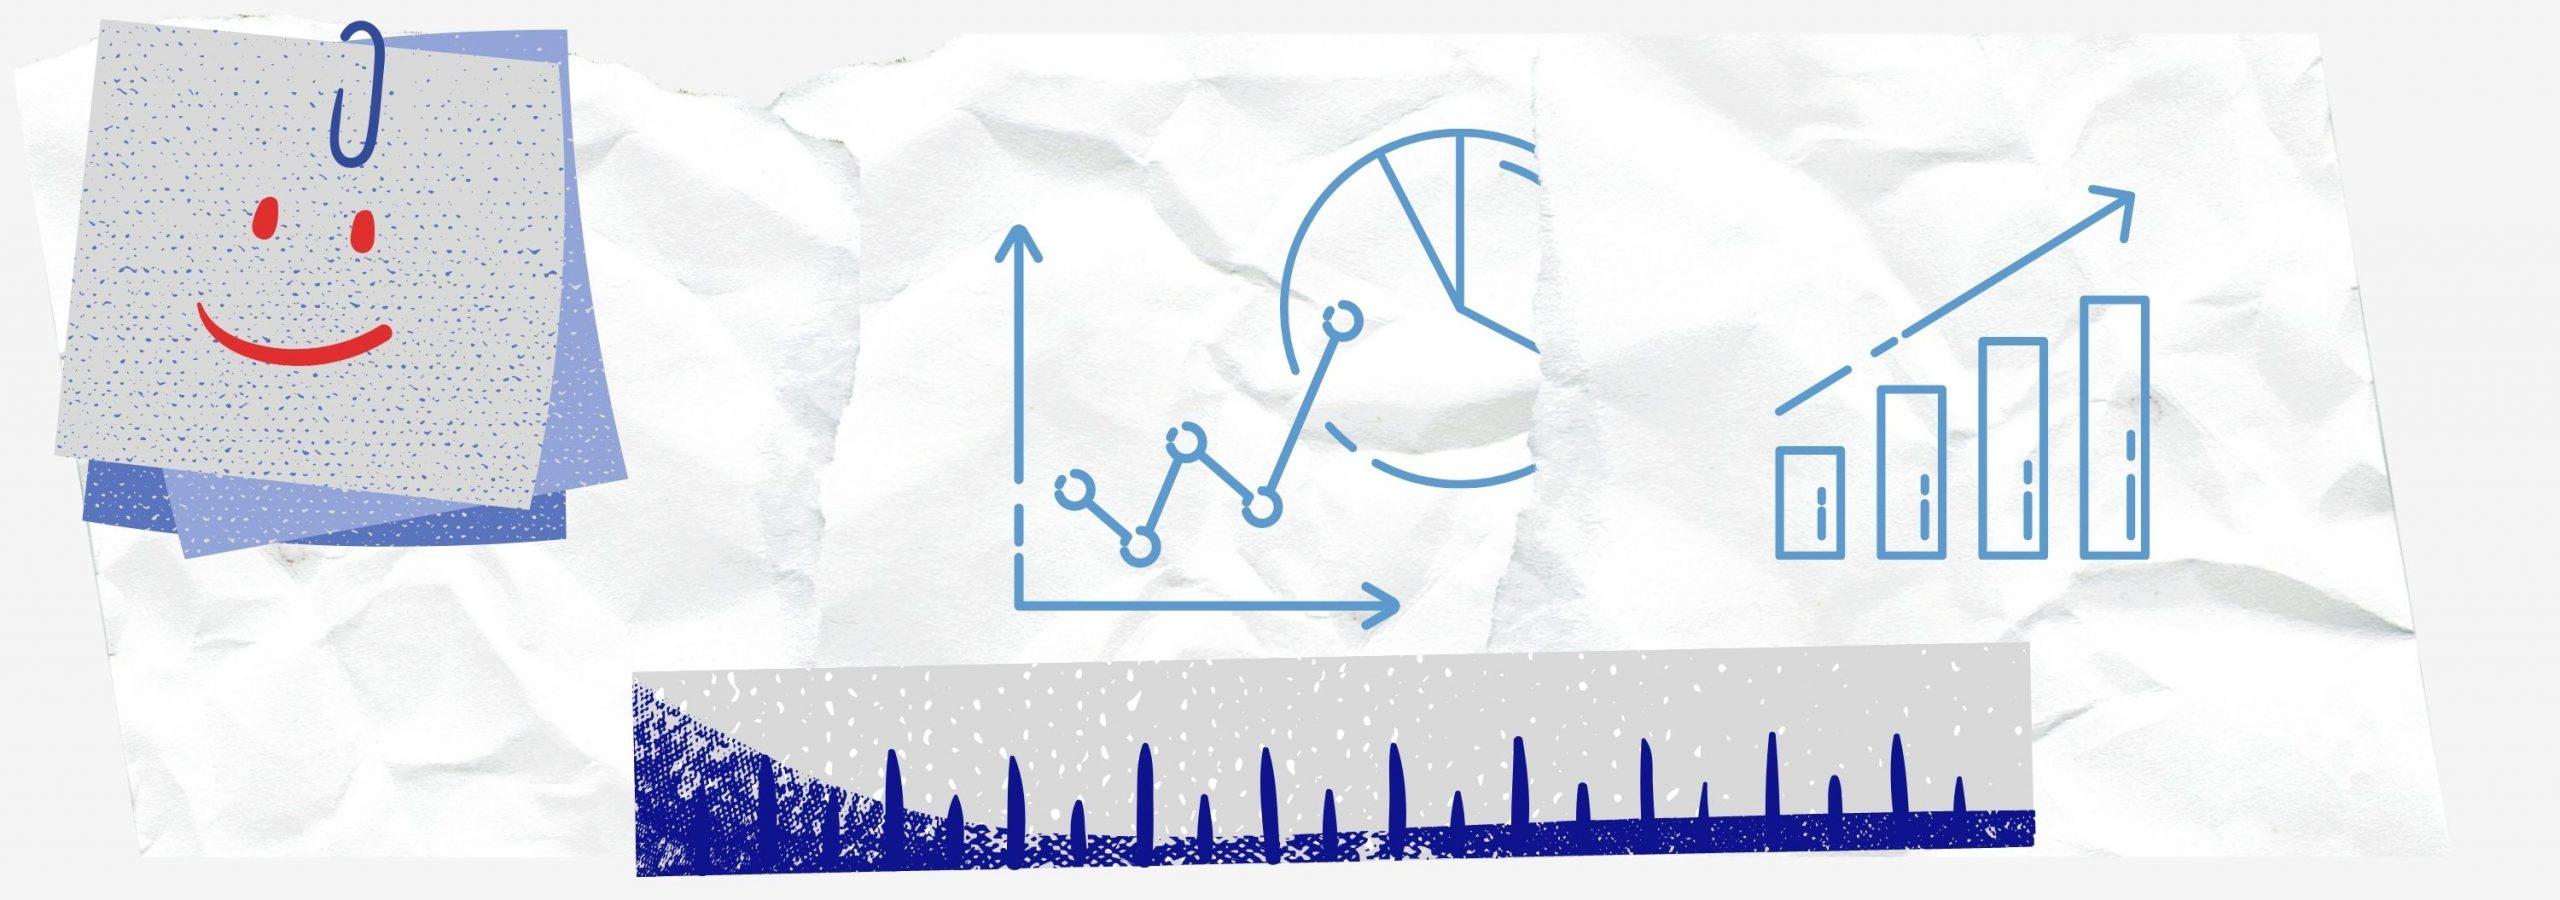 Des icônes avec des courbes statistiques comme pour la mesure de son expérience utilisateur